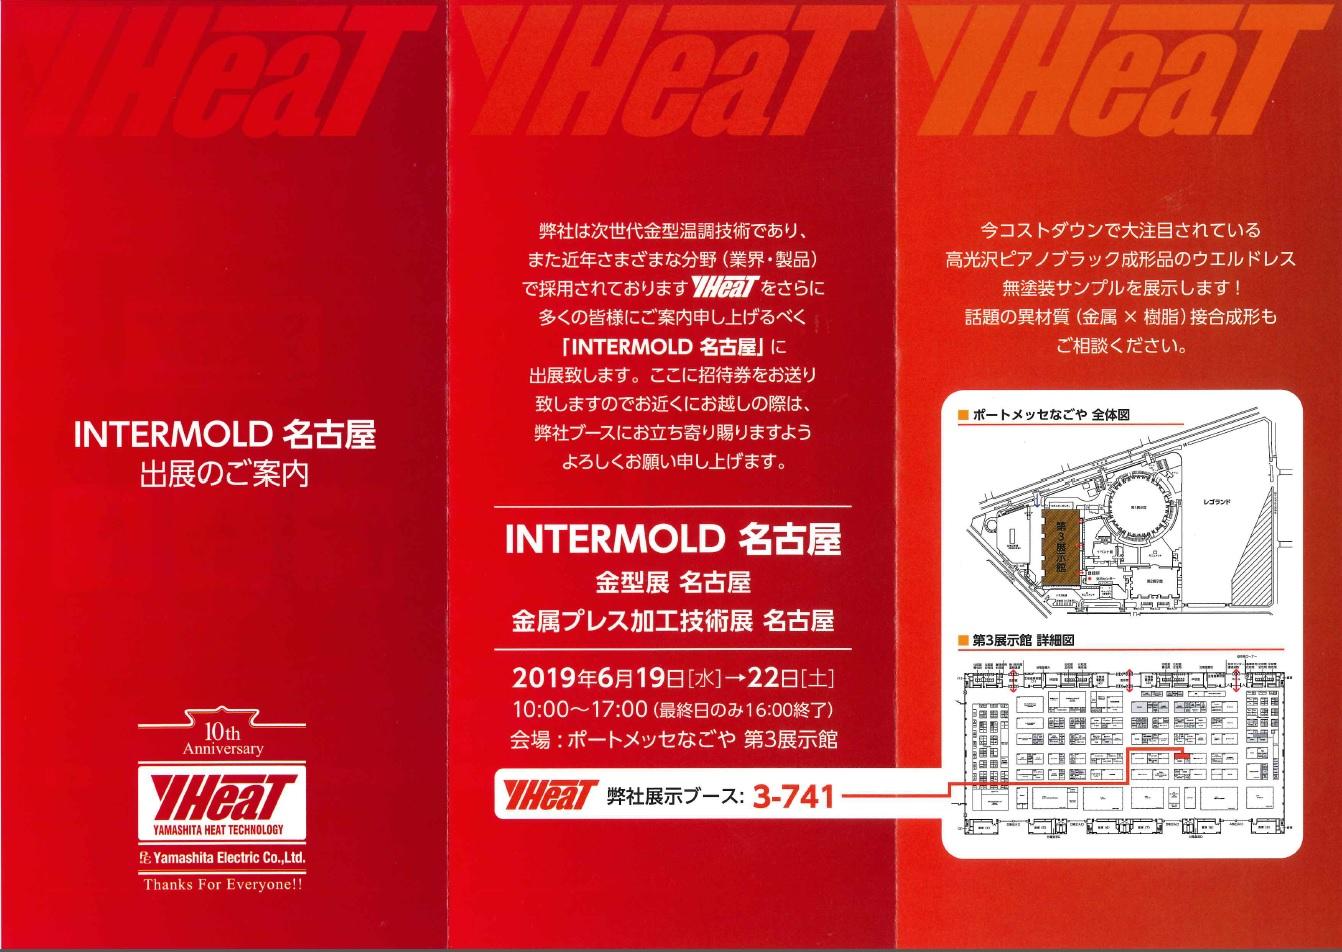 インターモールド2019 / 金型展2019 出展報告